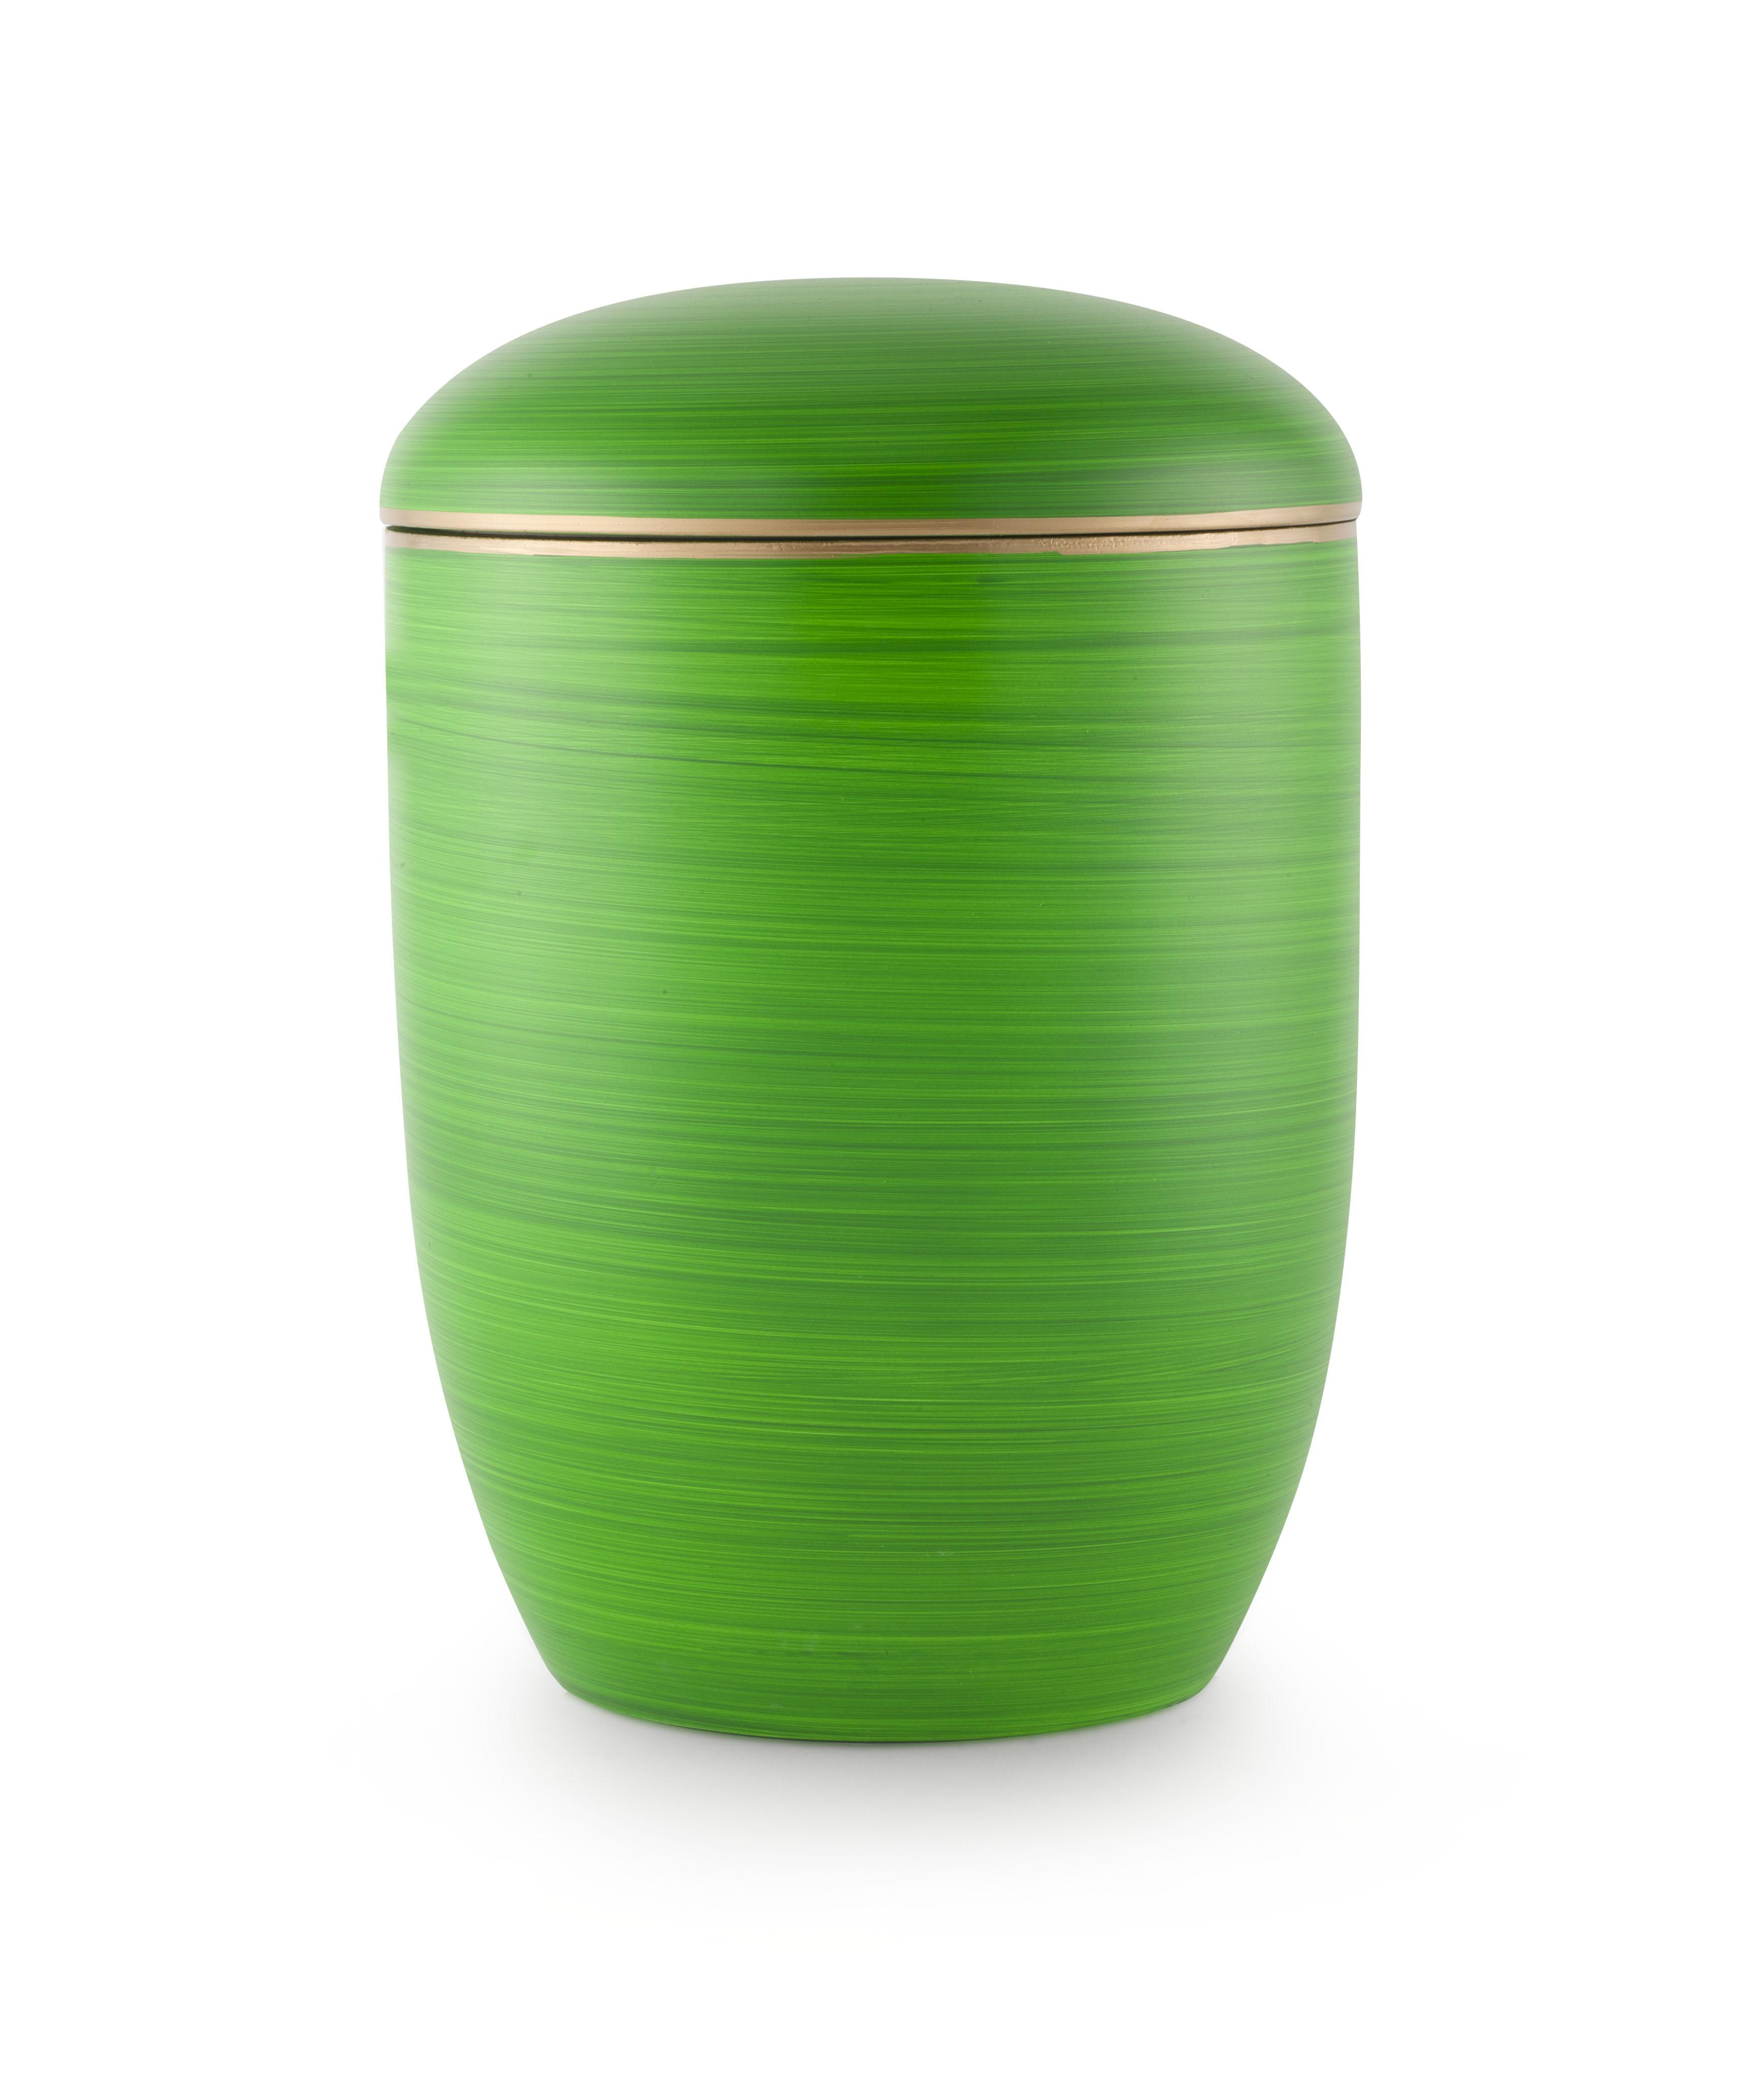 Zee-urn groen met gouden rand